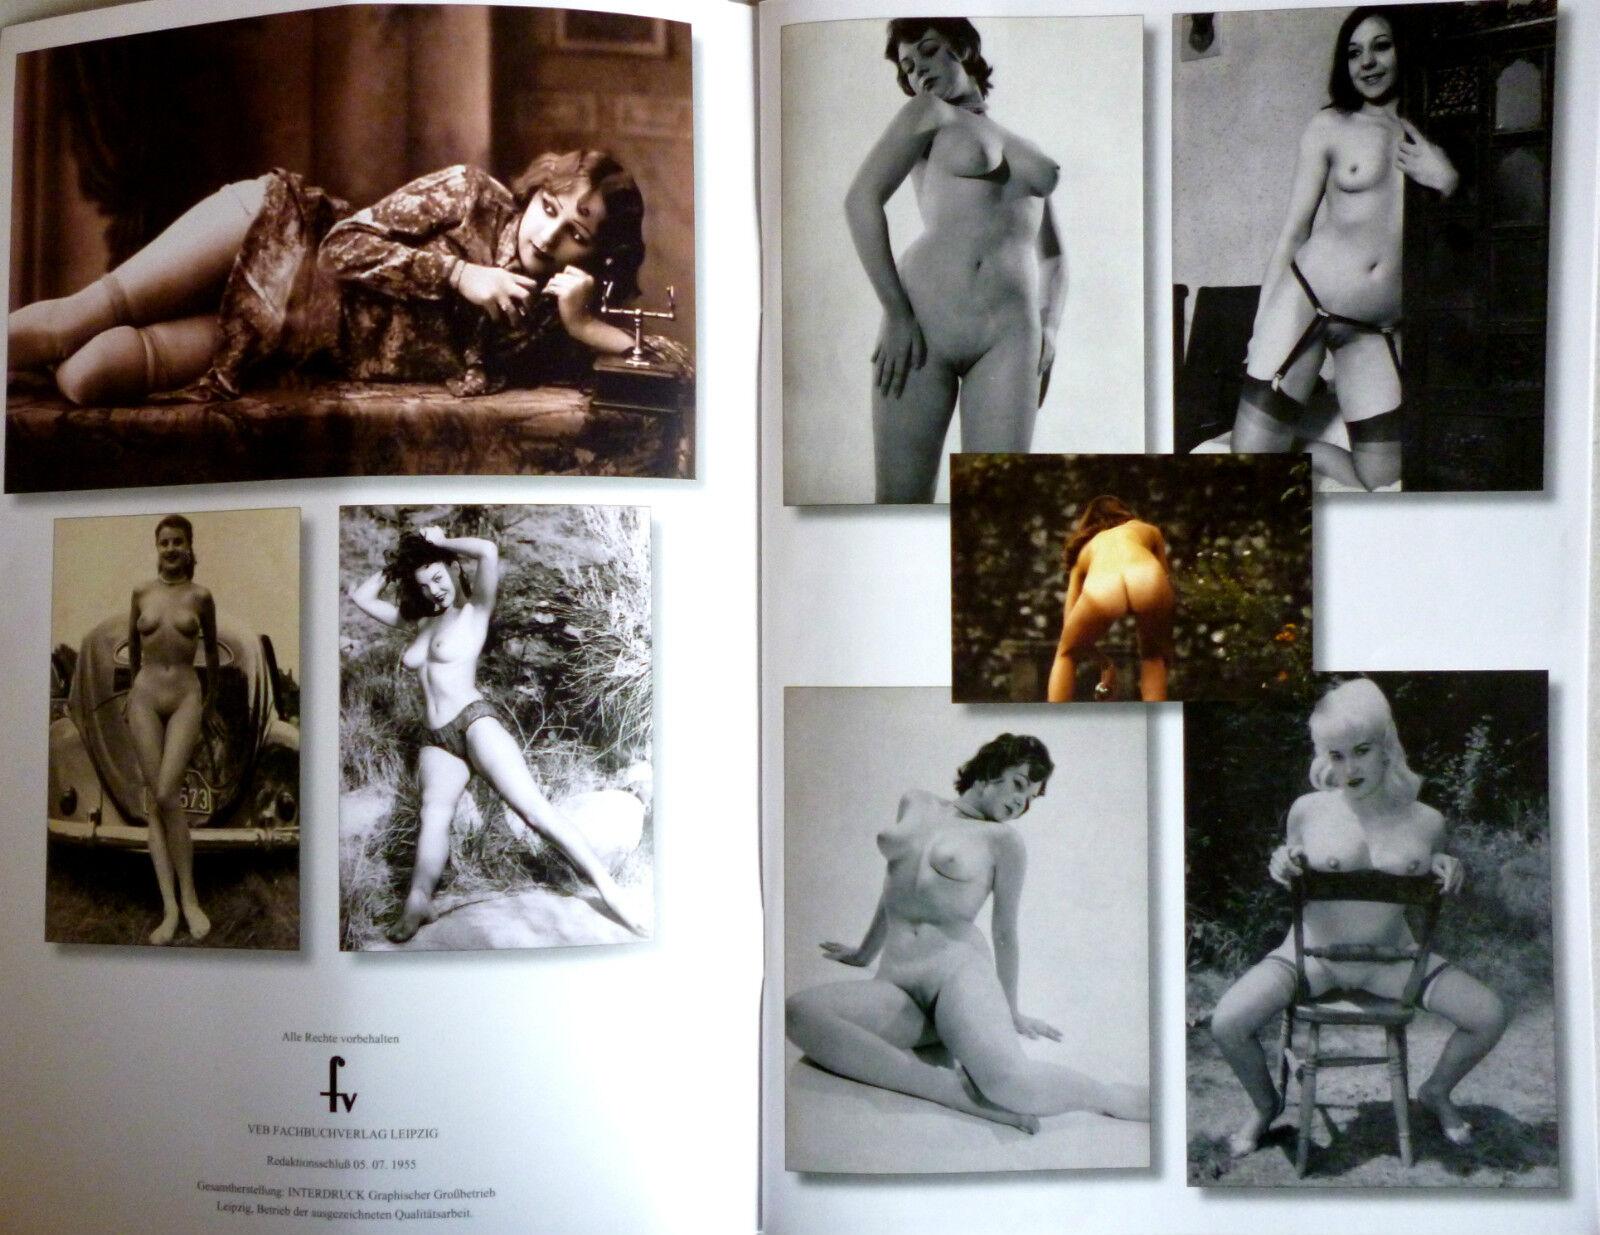 Porno Mdchen nackt - Fotos in hoher Qualitt